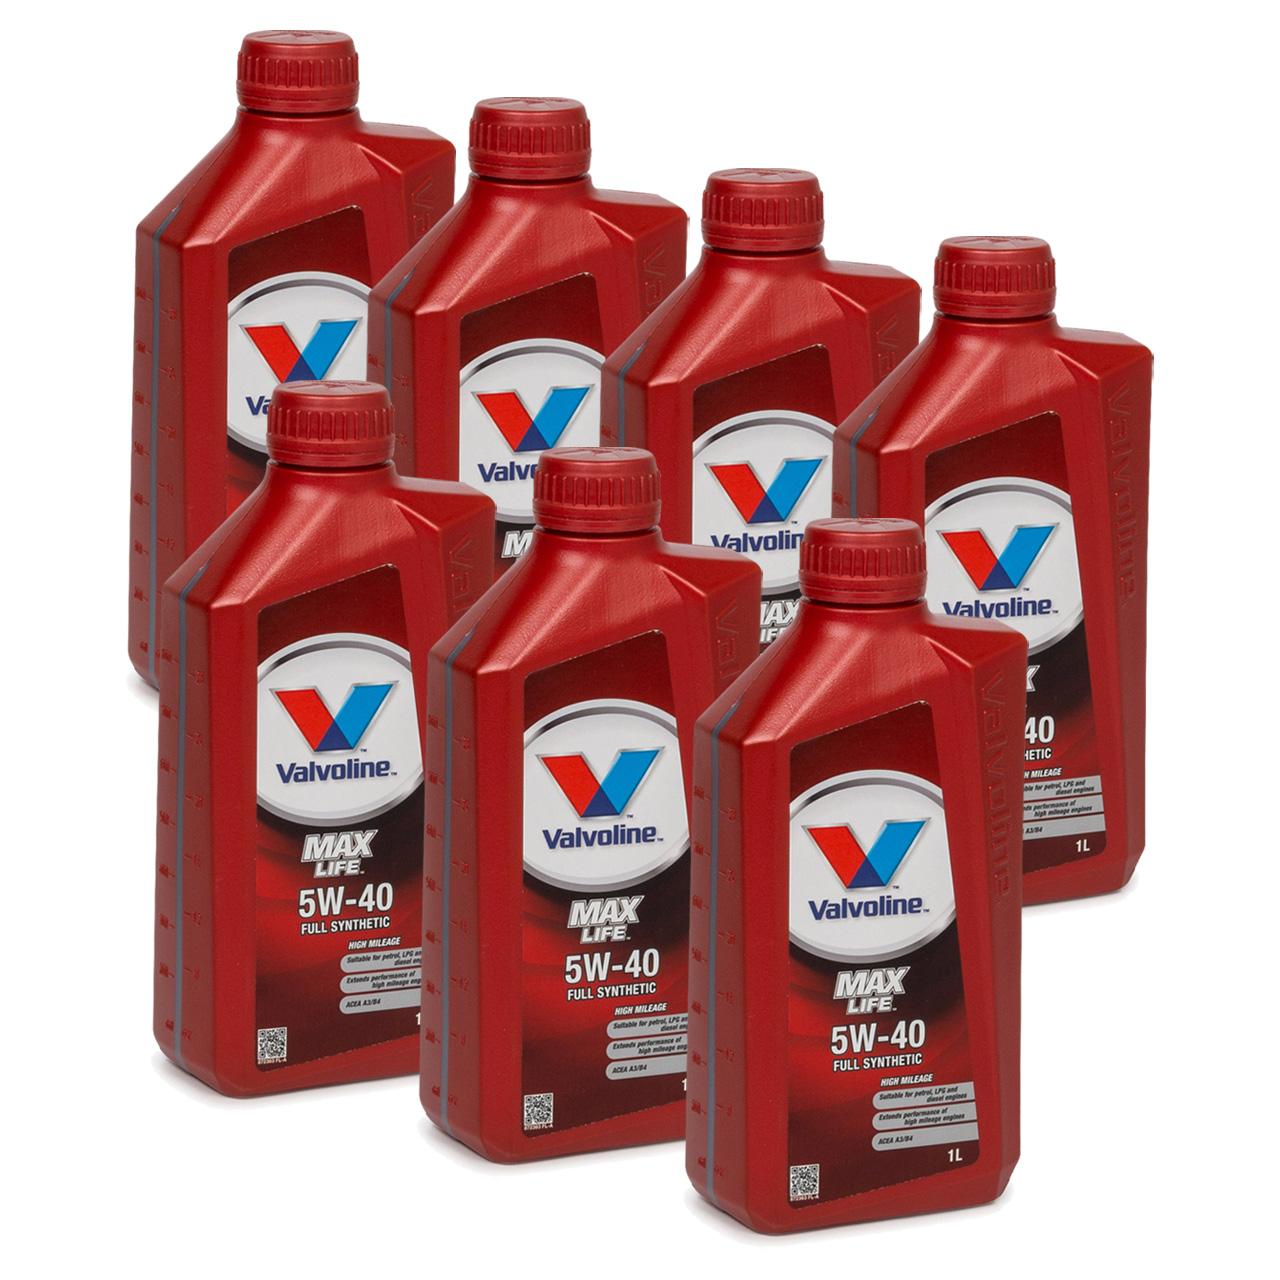 VALVOLINE Motoröl ÖL MAX LIFE 5W40 MB 229.3 VW 502/505.00 RN0700 RN0710 7 Liter